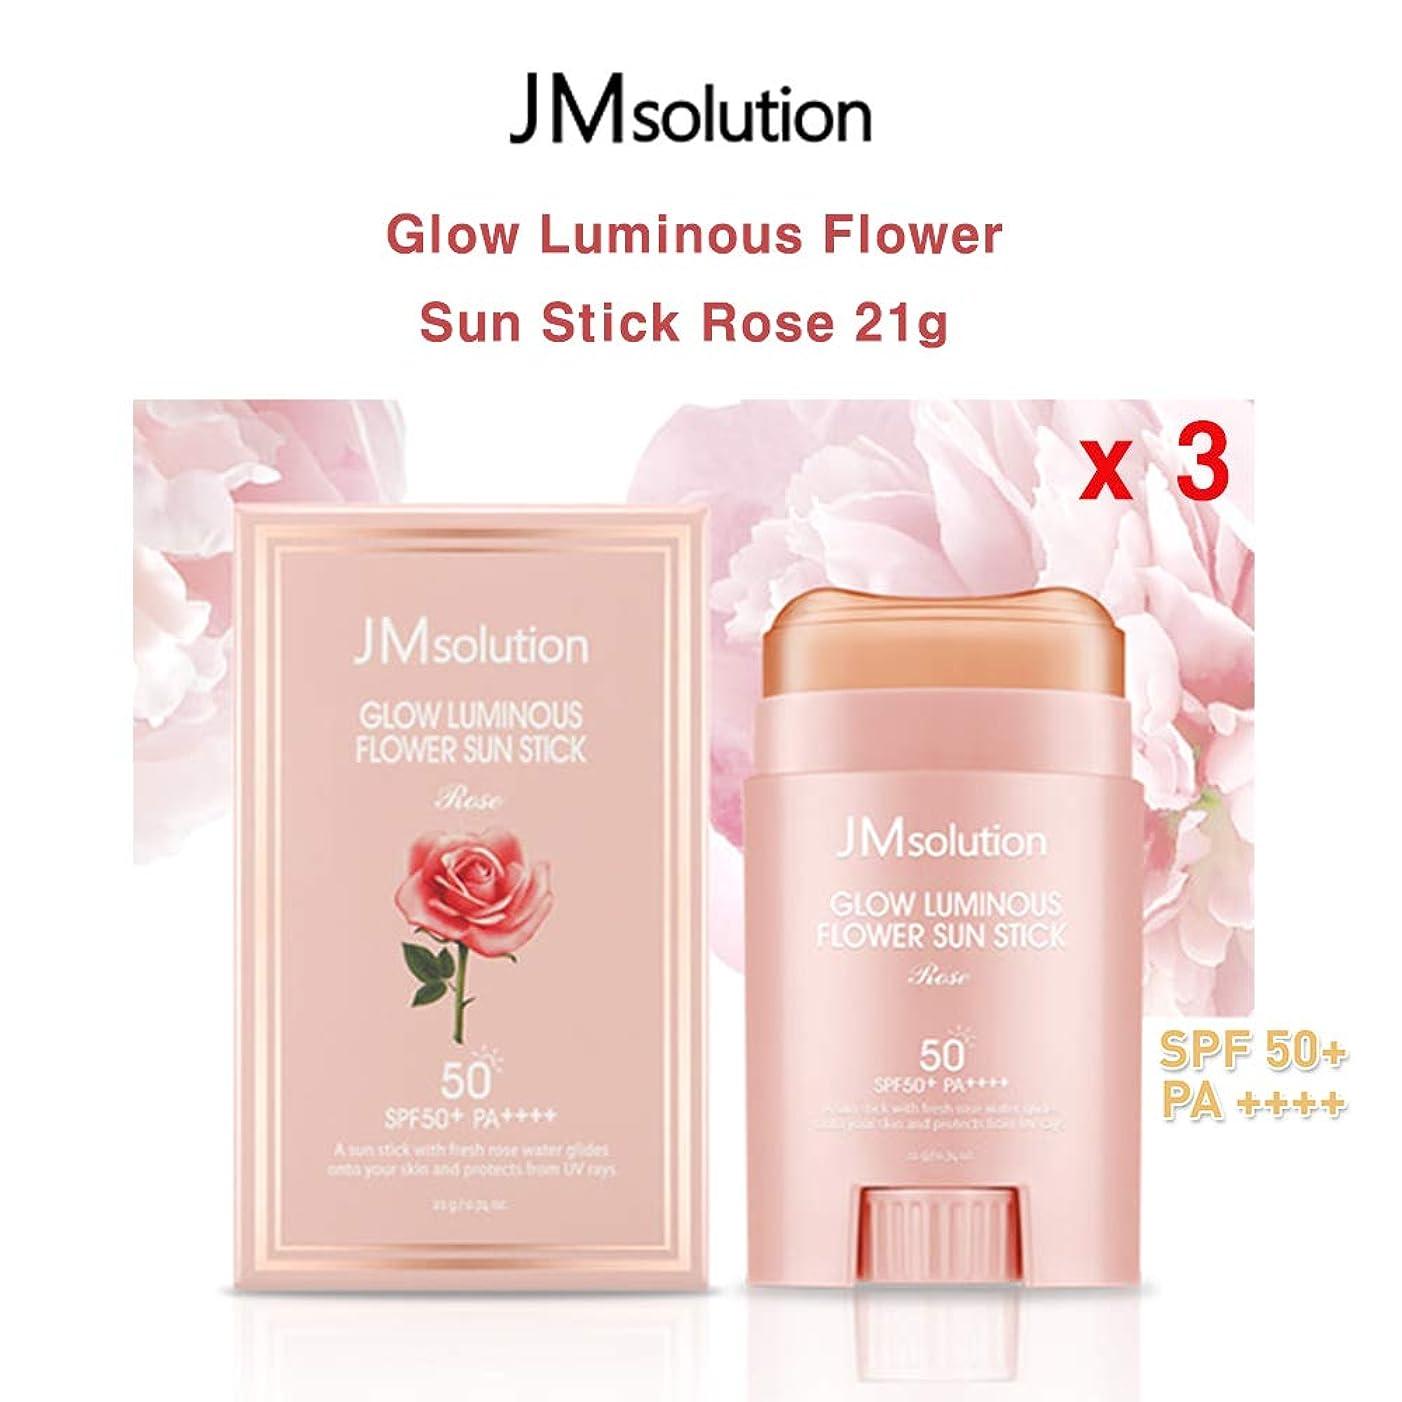 皮習字運ぶJM Solution ★1+1+1★ Glow Luminous Flower Sun Stick Rose 21g (spf50 PA) 光る輝く花Sun Stick Rose